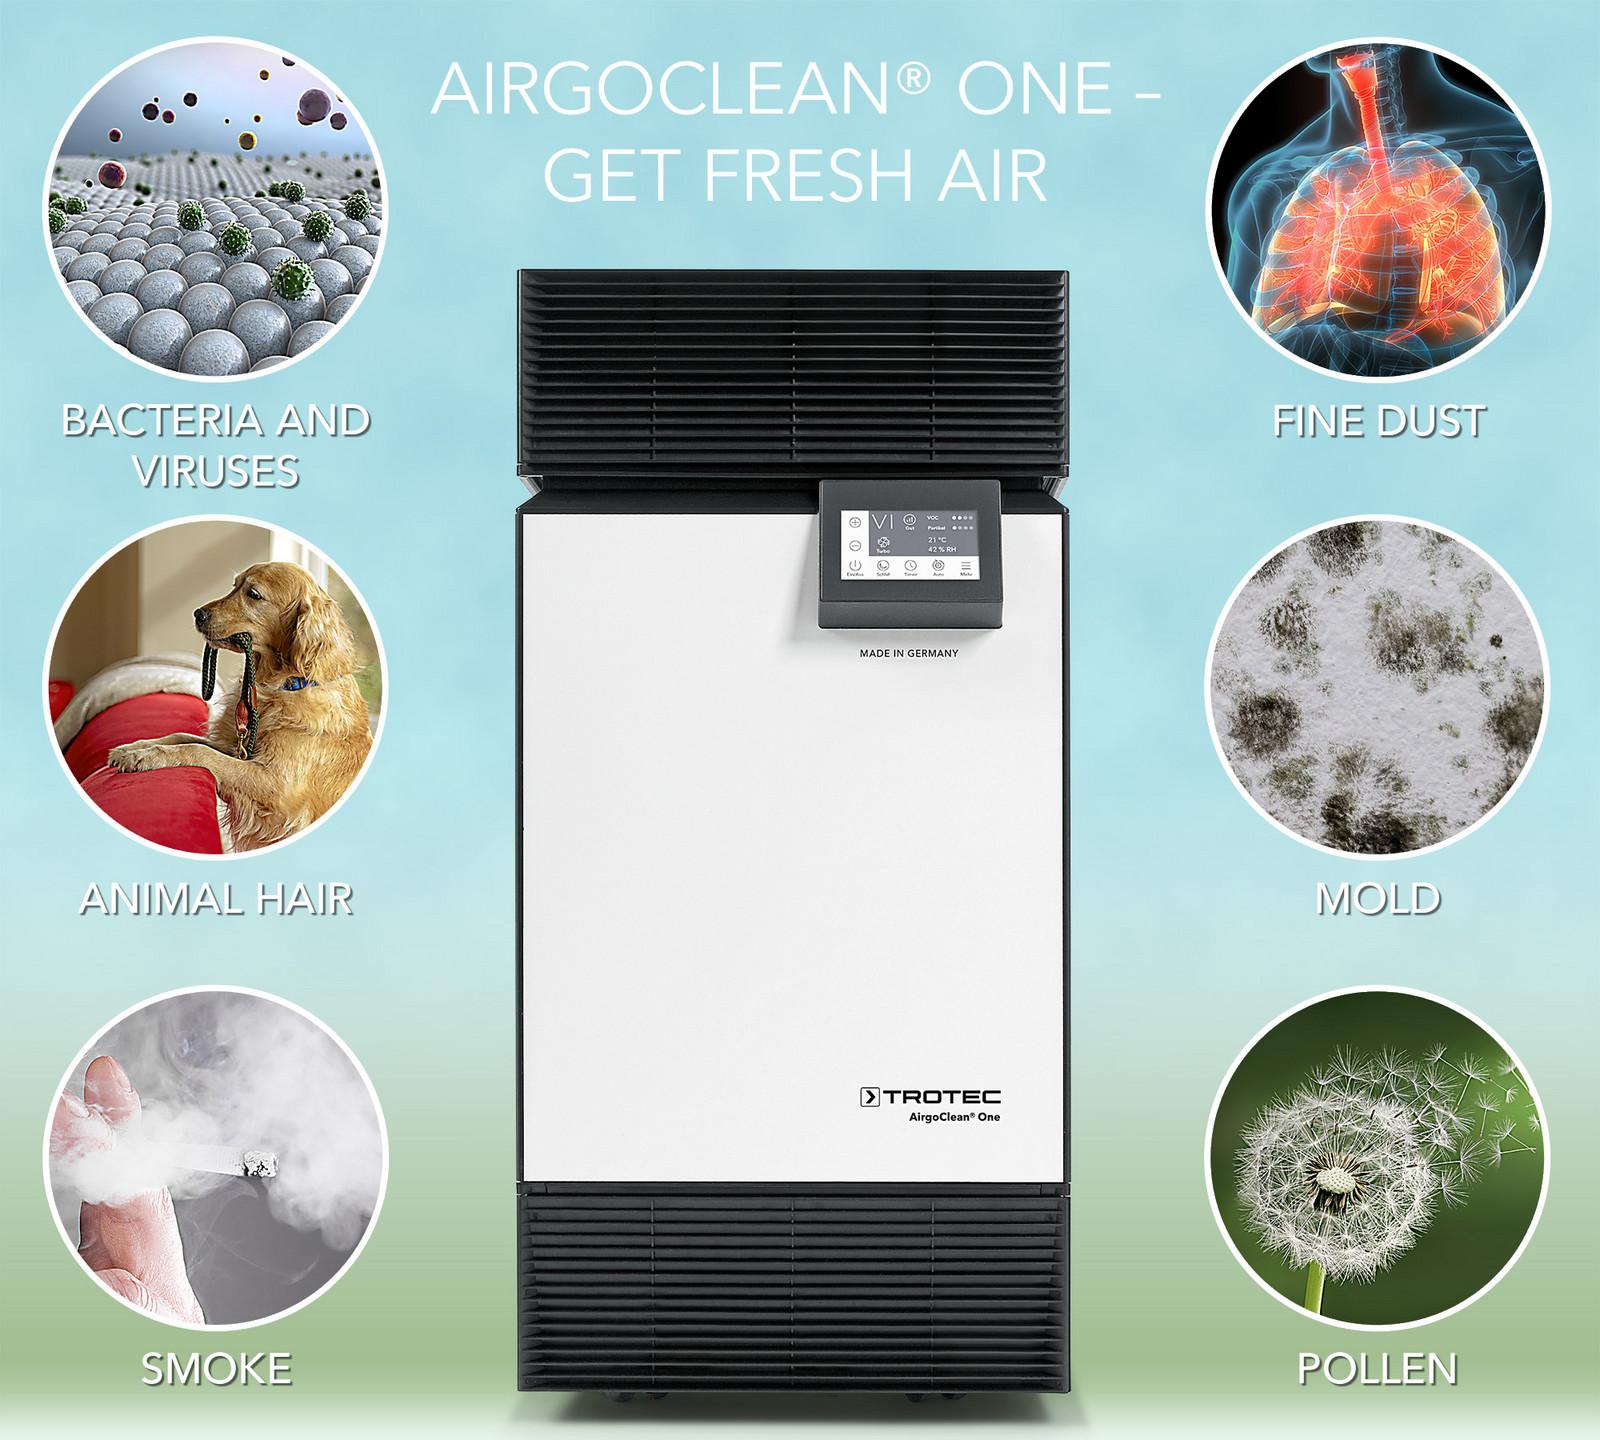 AirgoClean® One - наш номер 1 для очищенного от вирусов чистого воздуха в эксклюзивных условиях